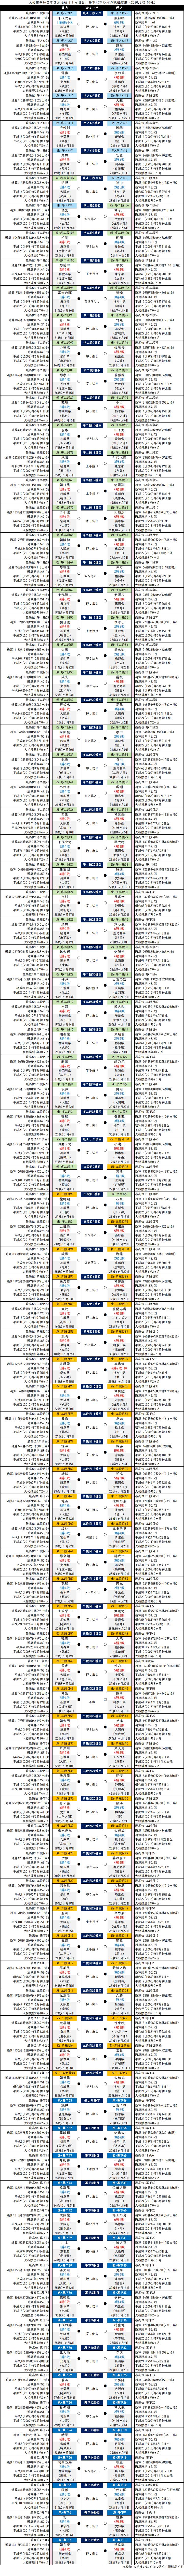 大相撲・2020年3月場所14日目・幕下以下の取組結果